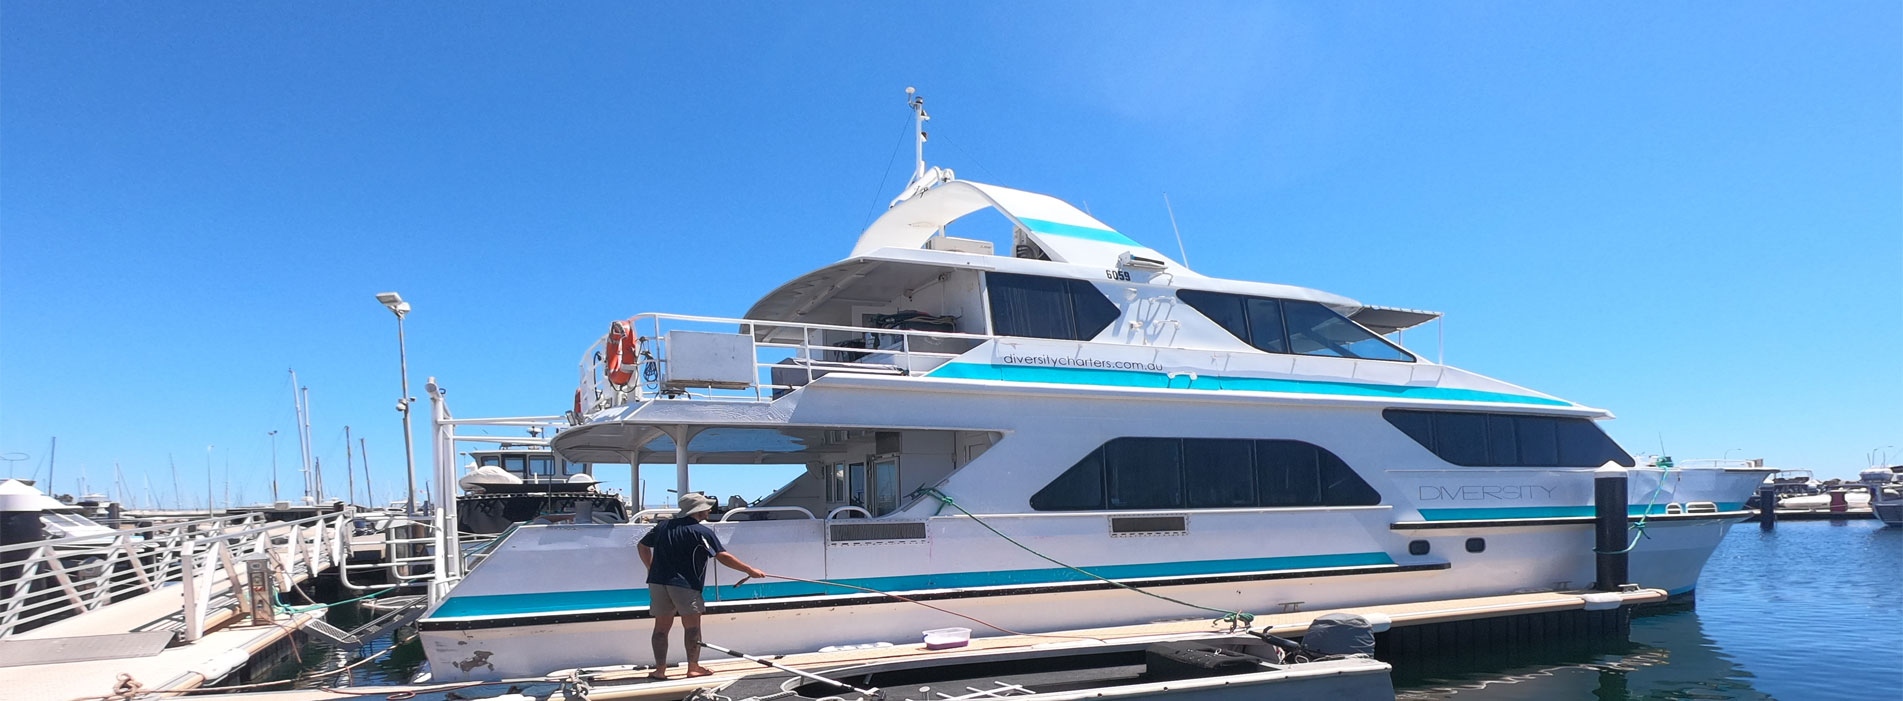 DIVERSITY-II-in-Fremantle-jetty